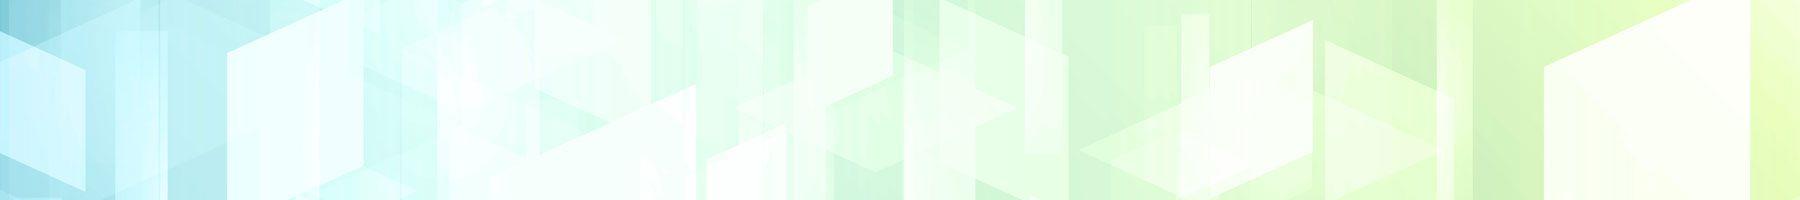 BibLus-net_header_home_1800x200-[2020]